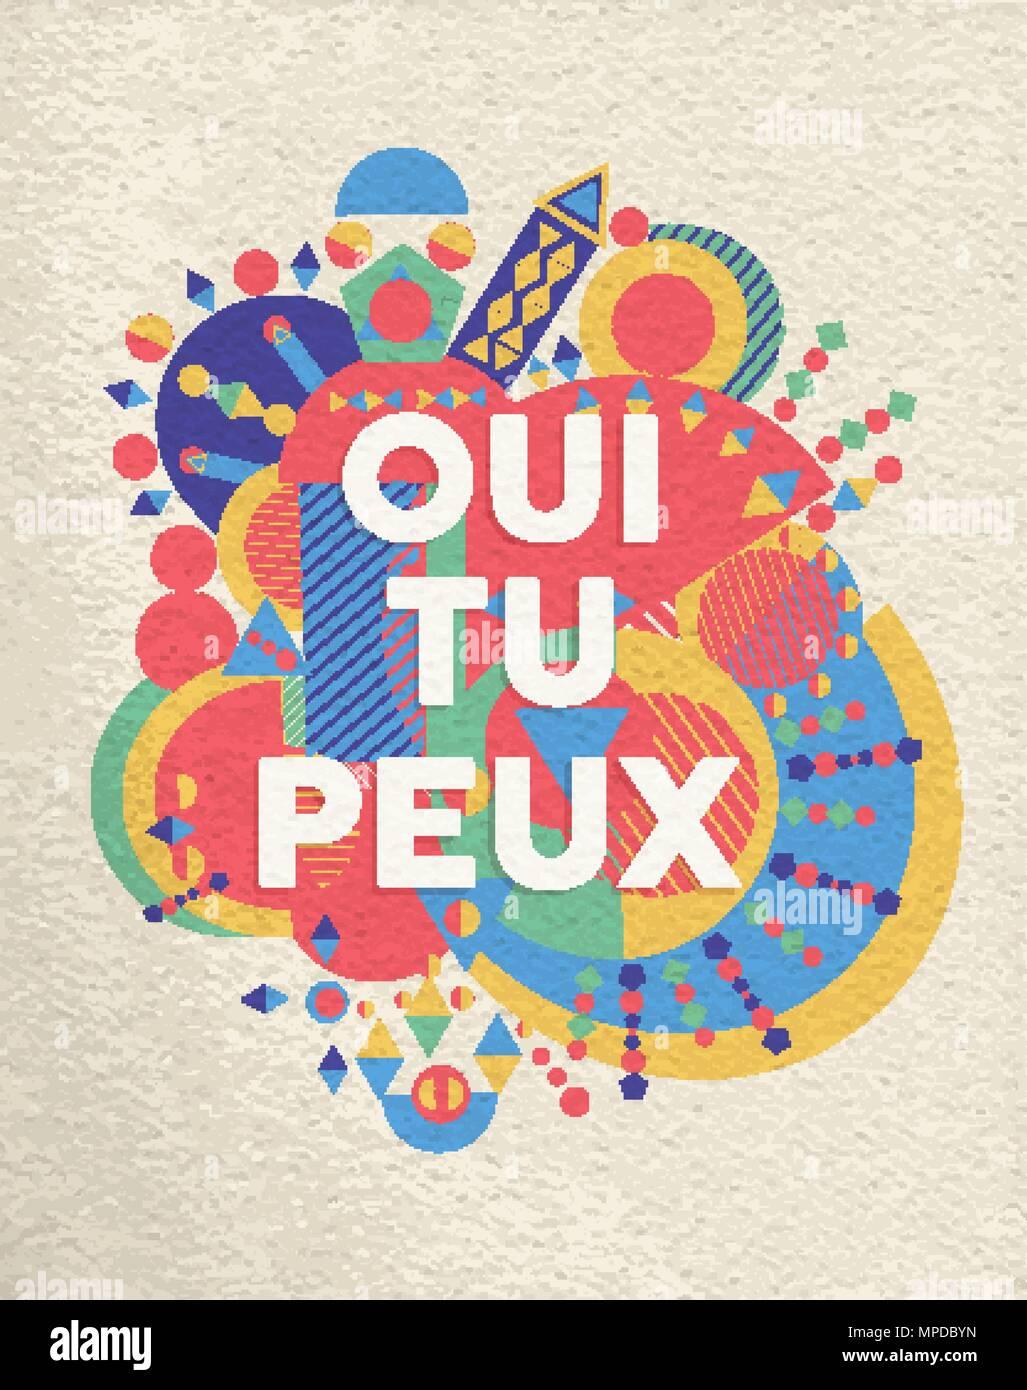 Ja Das Konnen Sie Bunte Typografie Plakat In Franzosischer Sprache Inspirational Motivation Zitat Design Mit Papier Textur Hintergrund Eps  Vektor